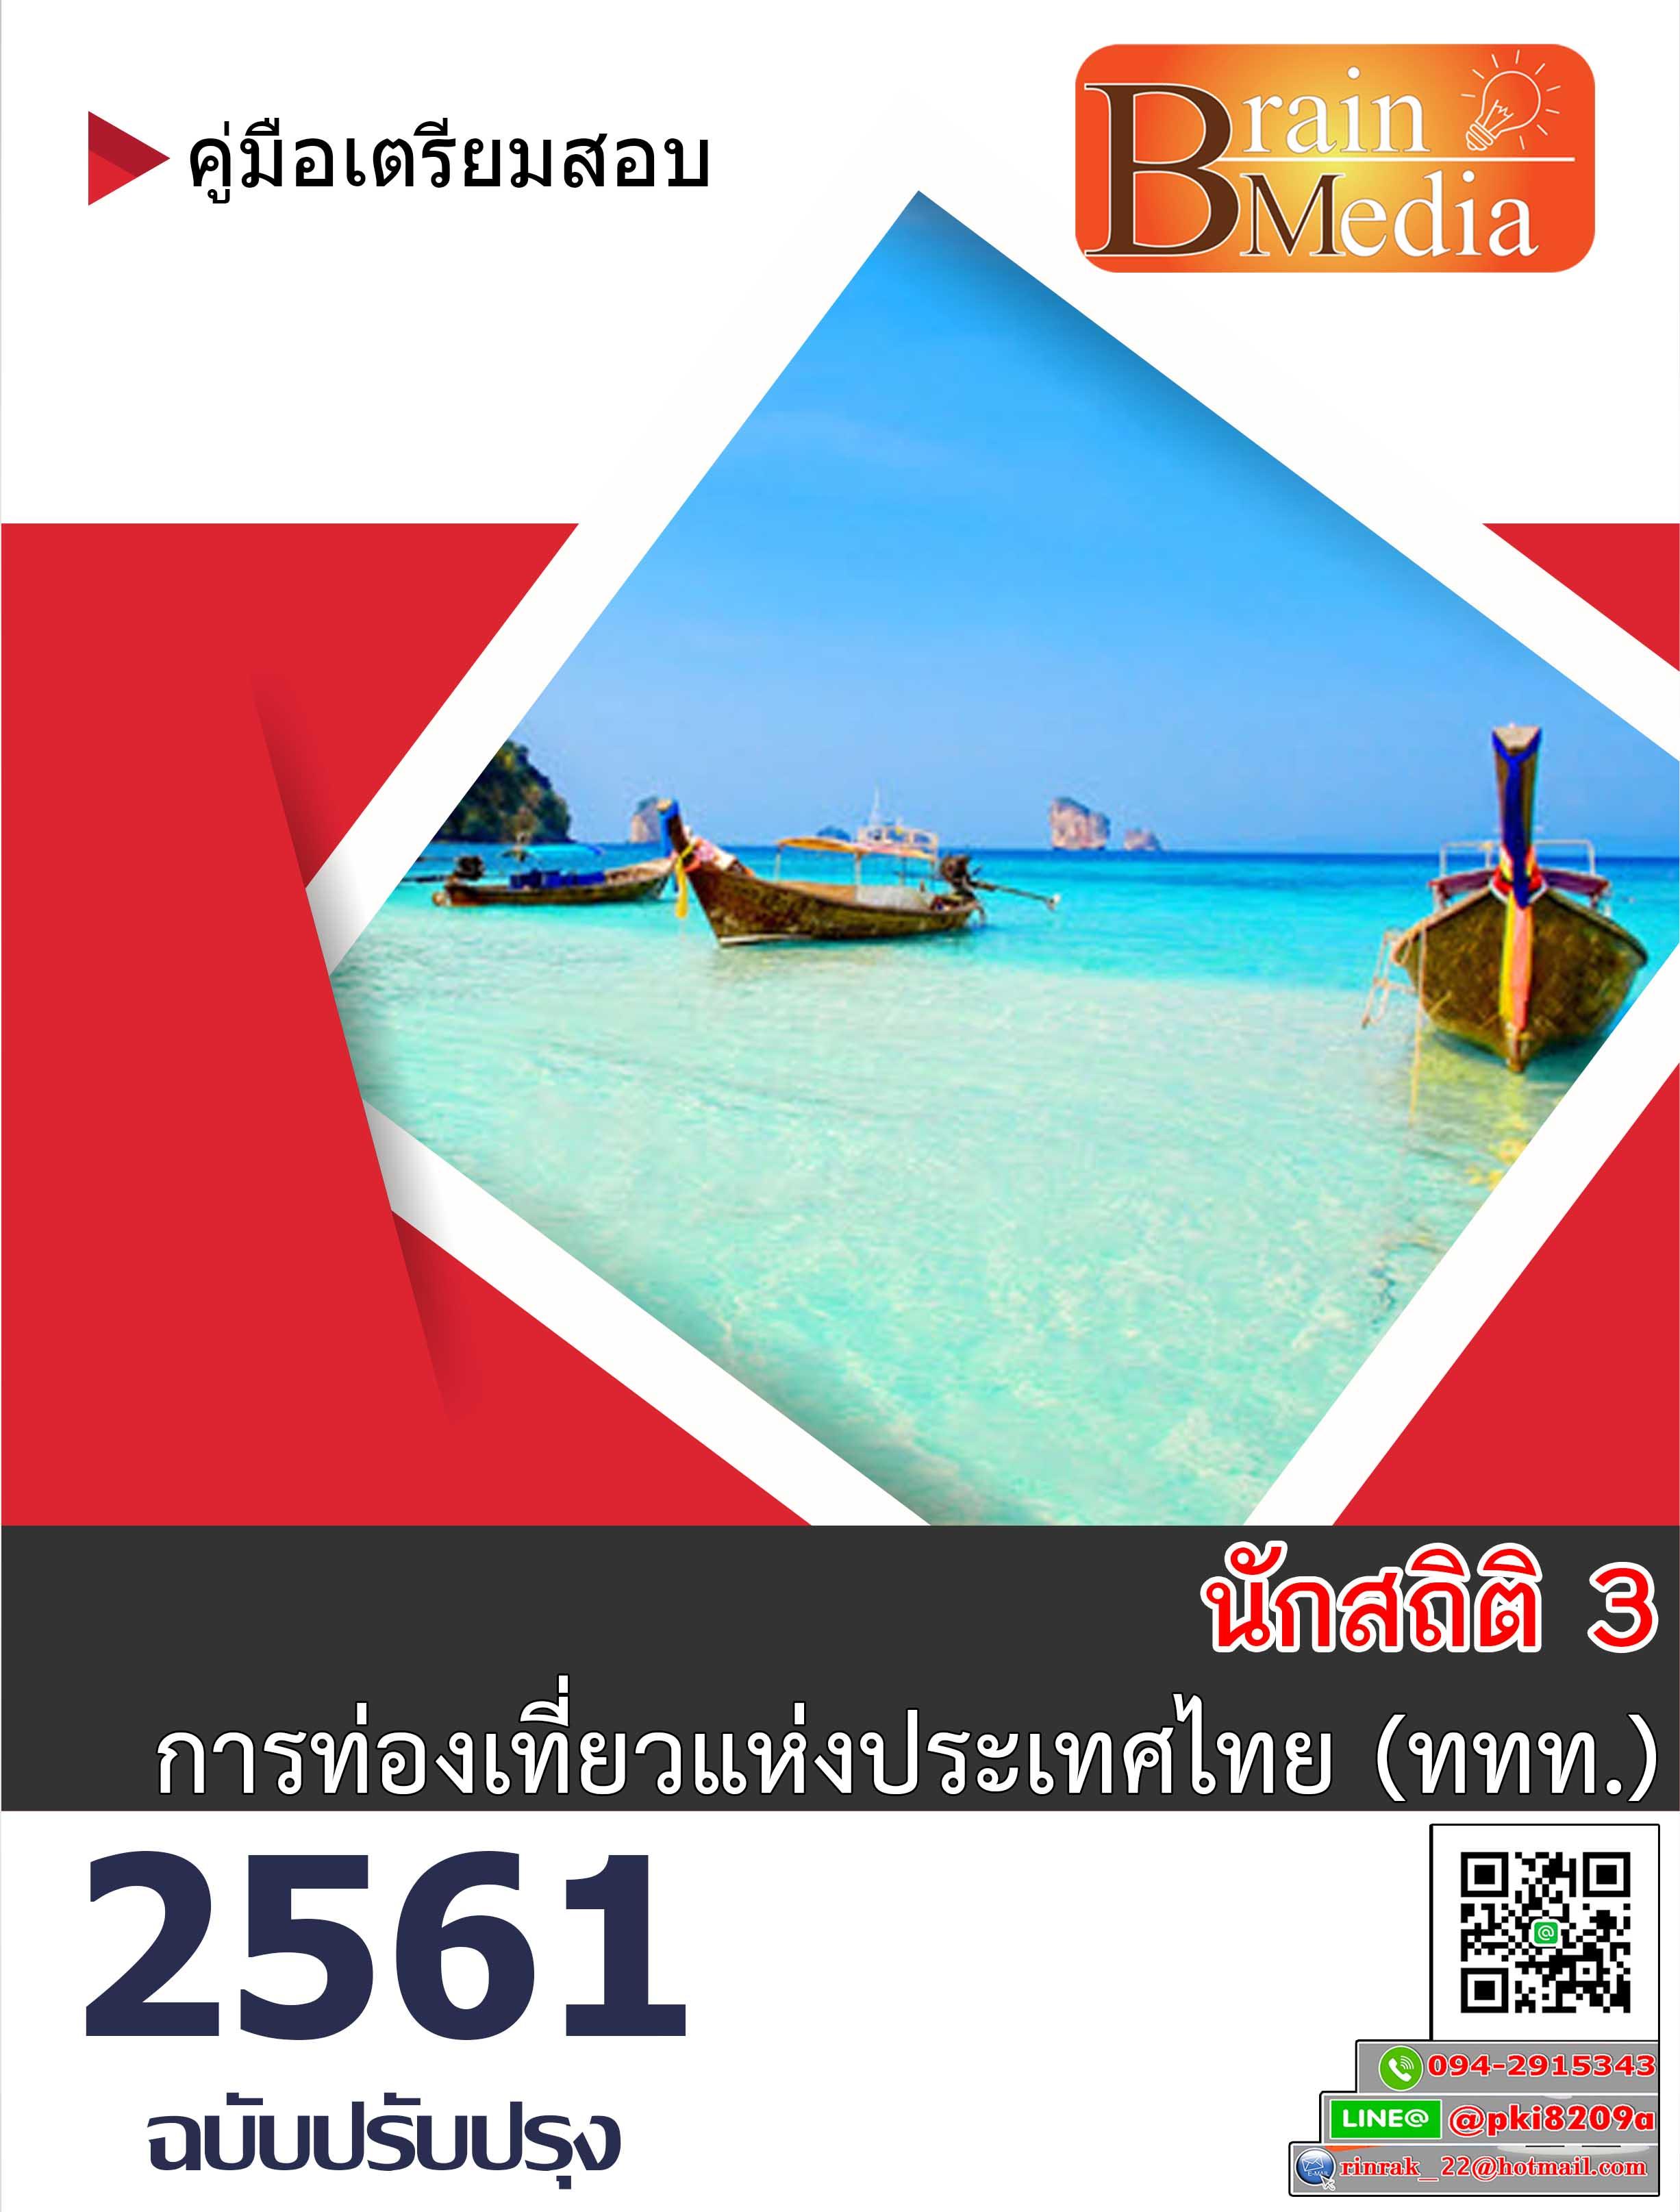 แนวข้อสอบ นักสถิติ 3 การท่องเที่ยวแห่งประเทศไทย (ททท.)